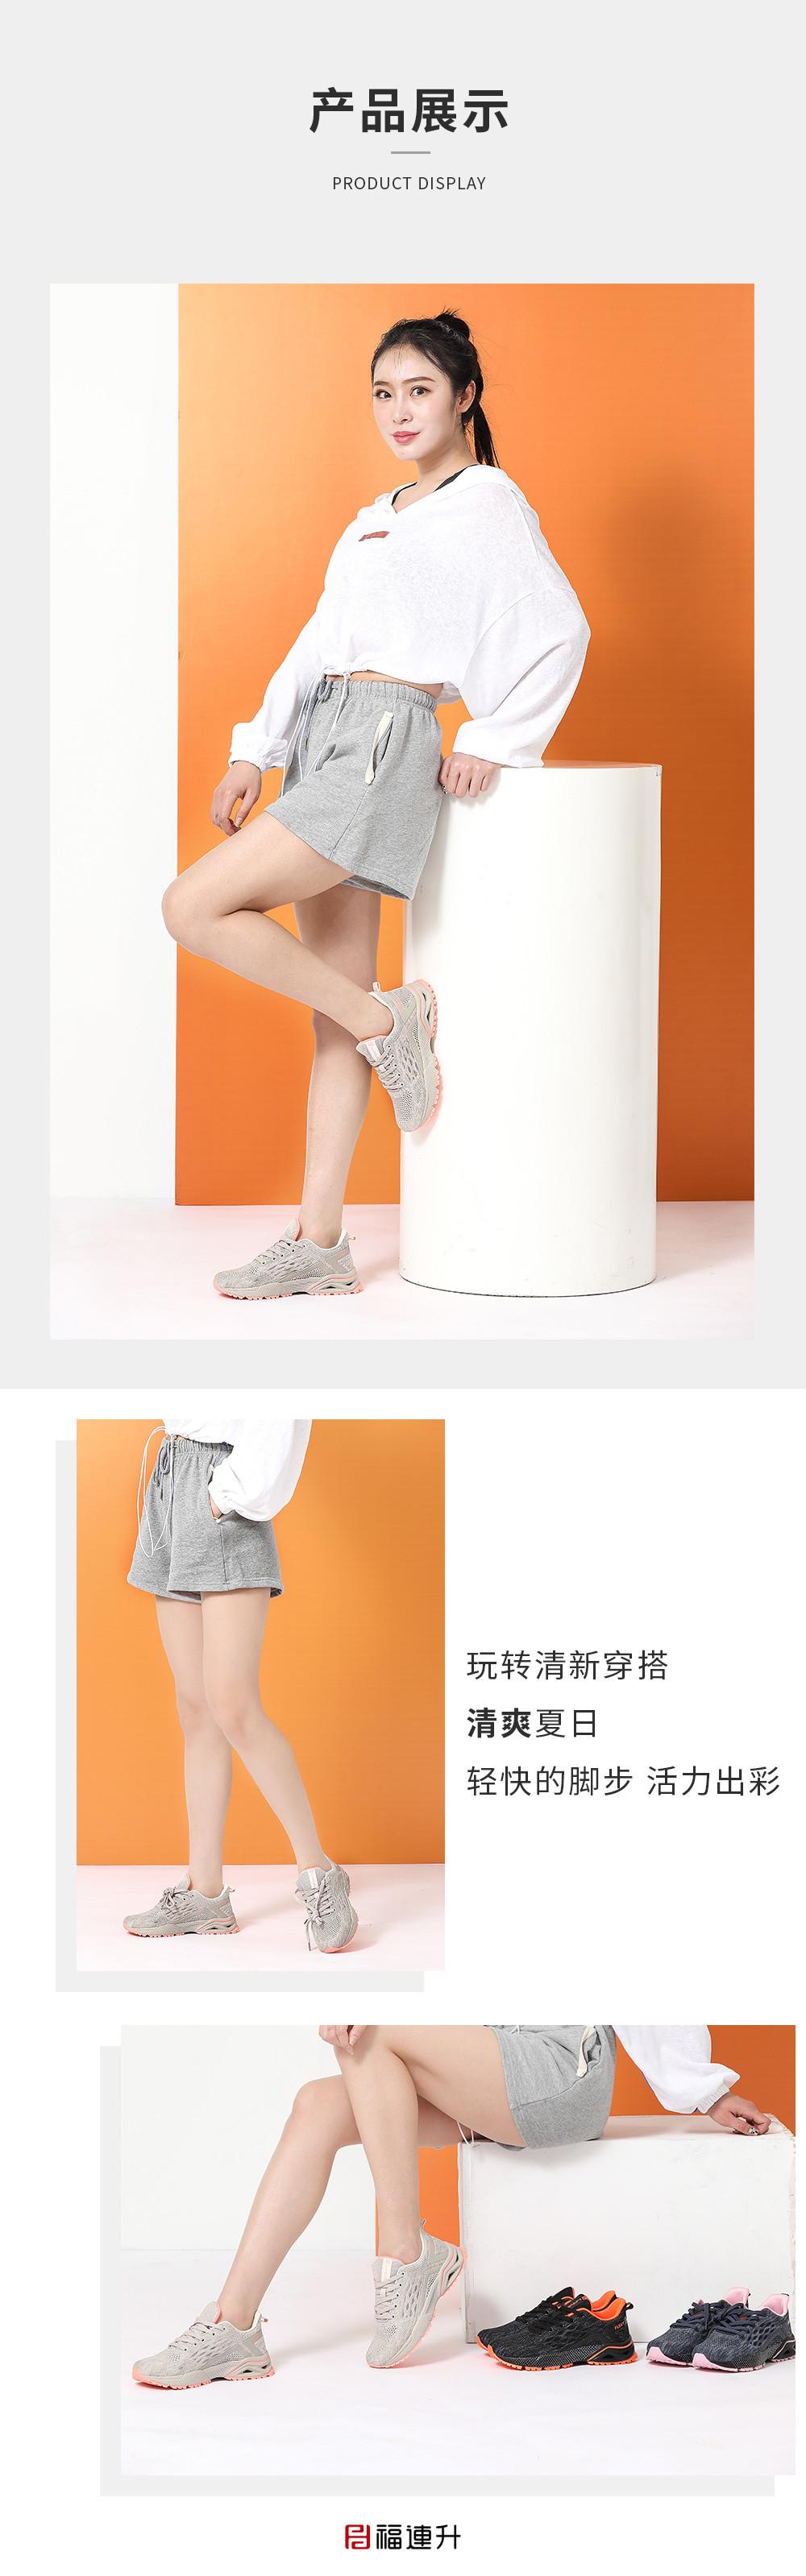 福连升夏运动休闲透气防滑布鞋 轻弹网面休闲运动女鞋图片